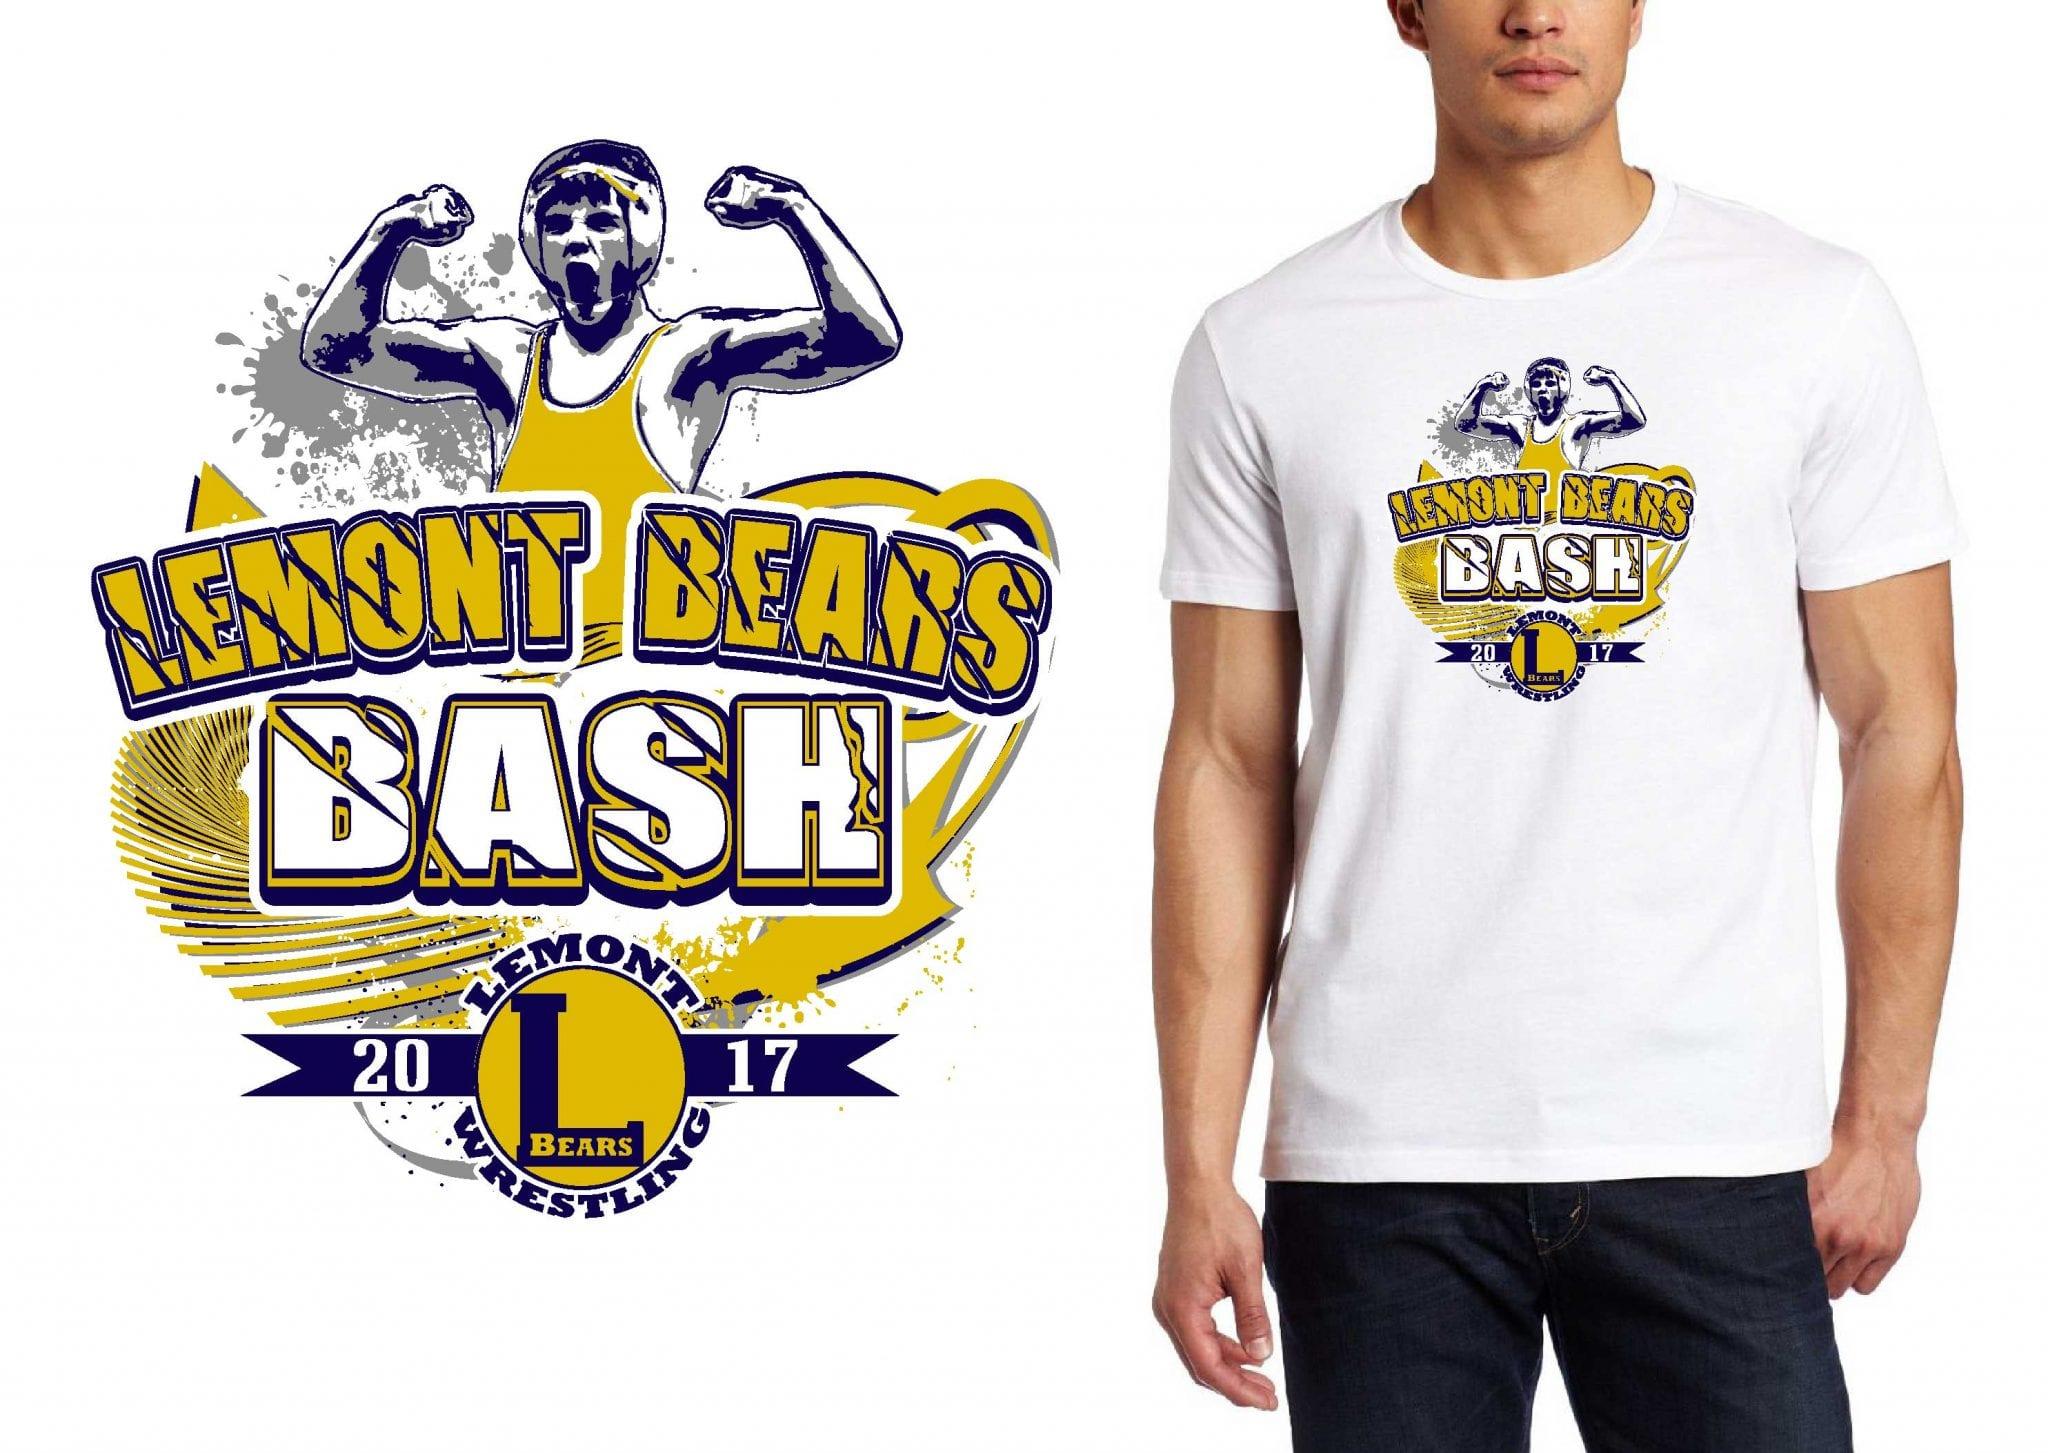 2017 LEMONT BEARS BASH vector logo design for wrestling t-shirt UrArtStudio